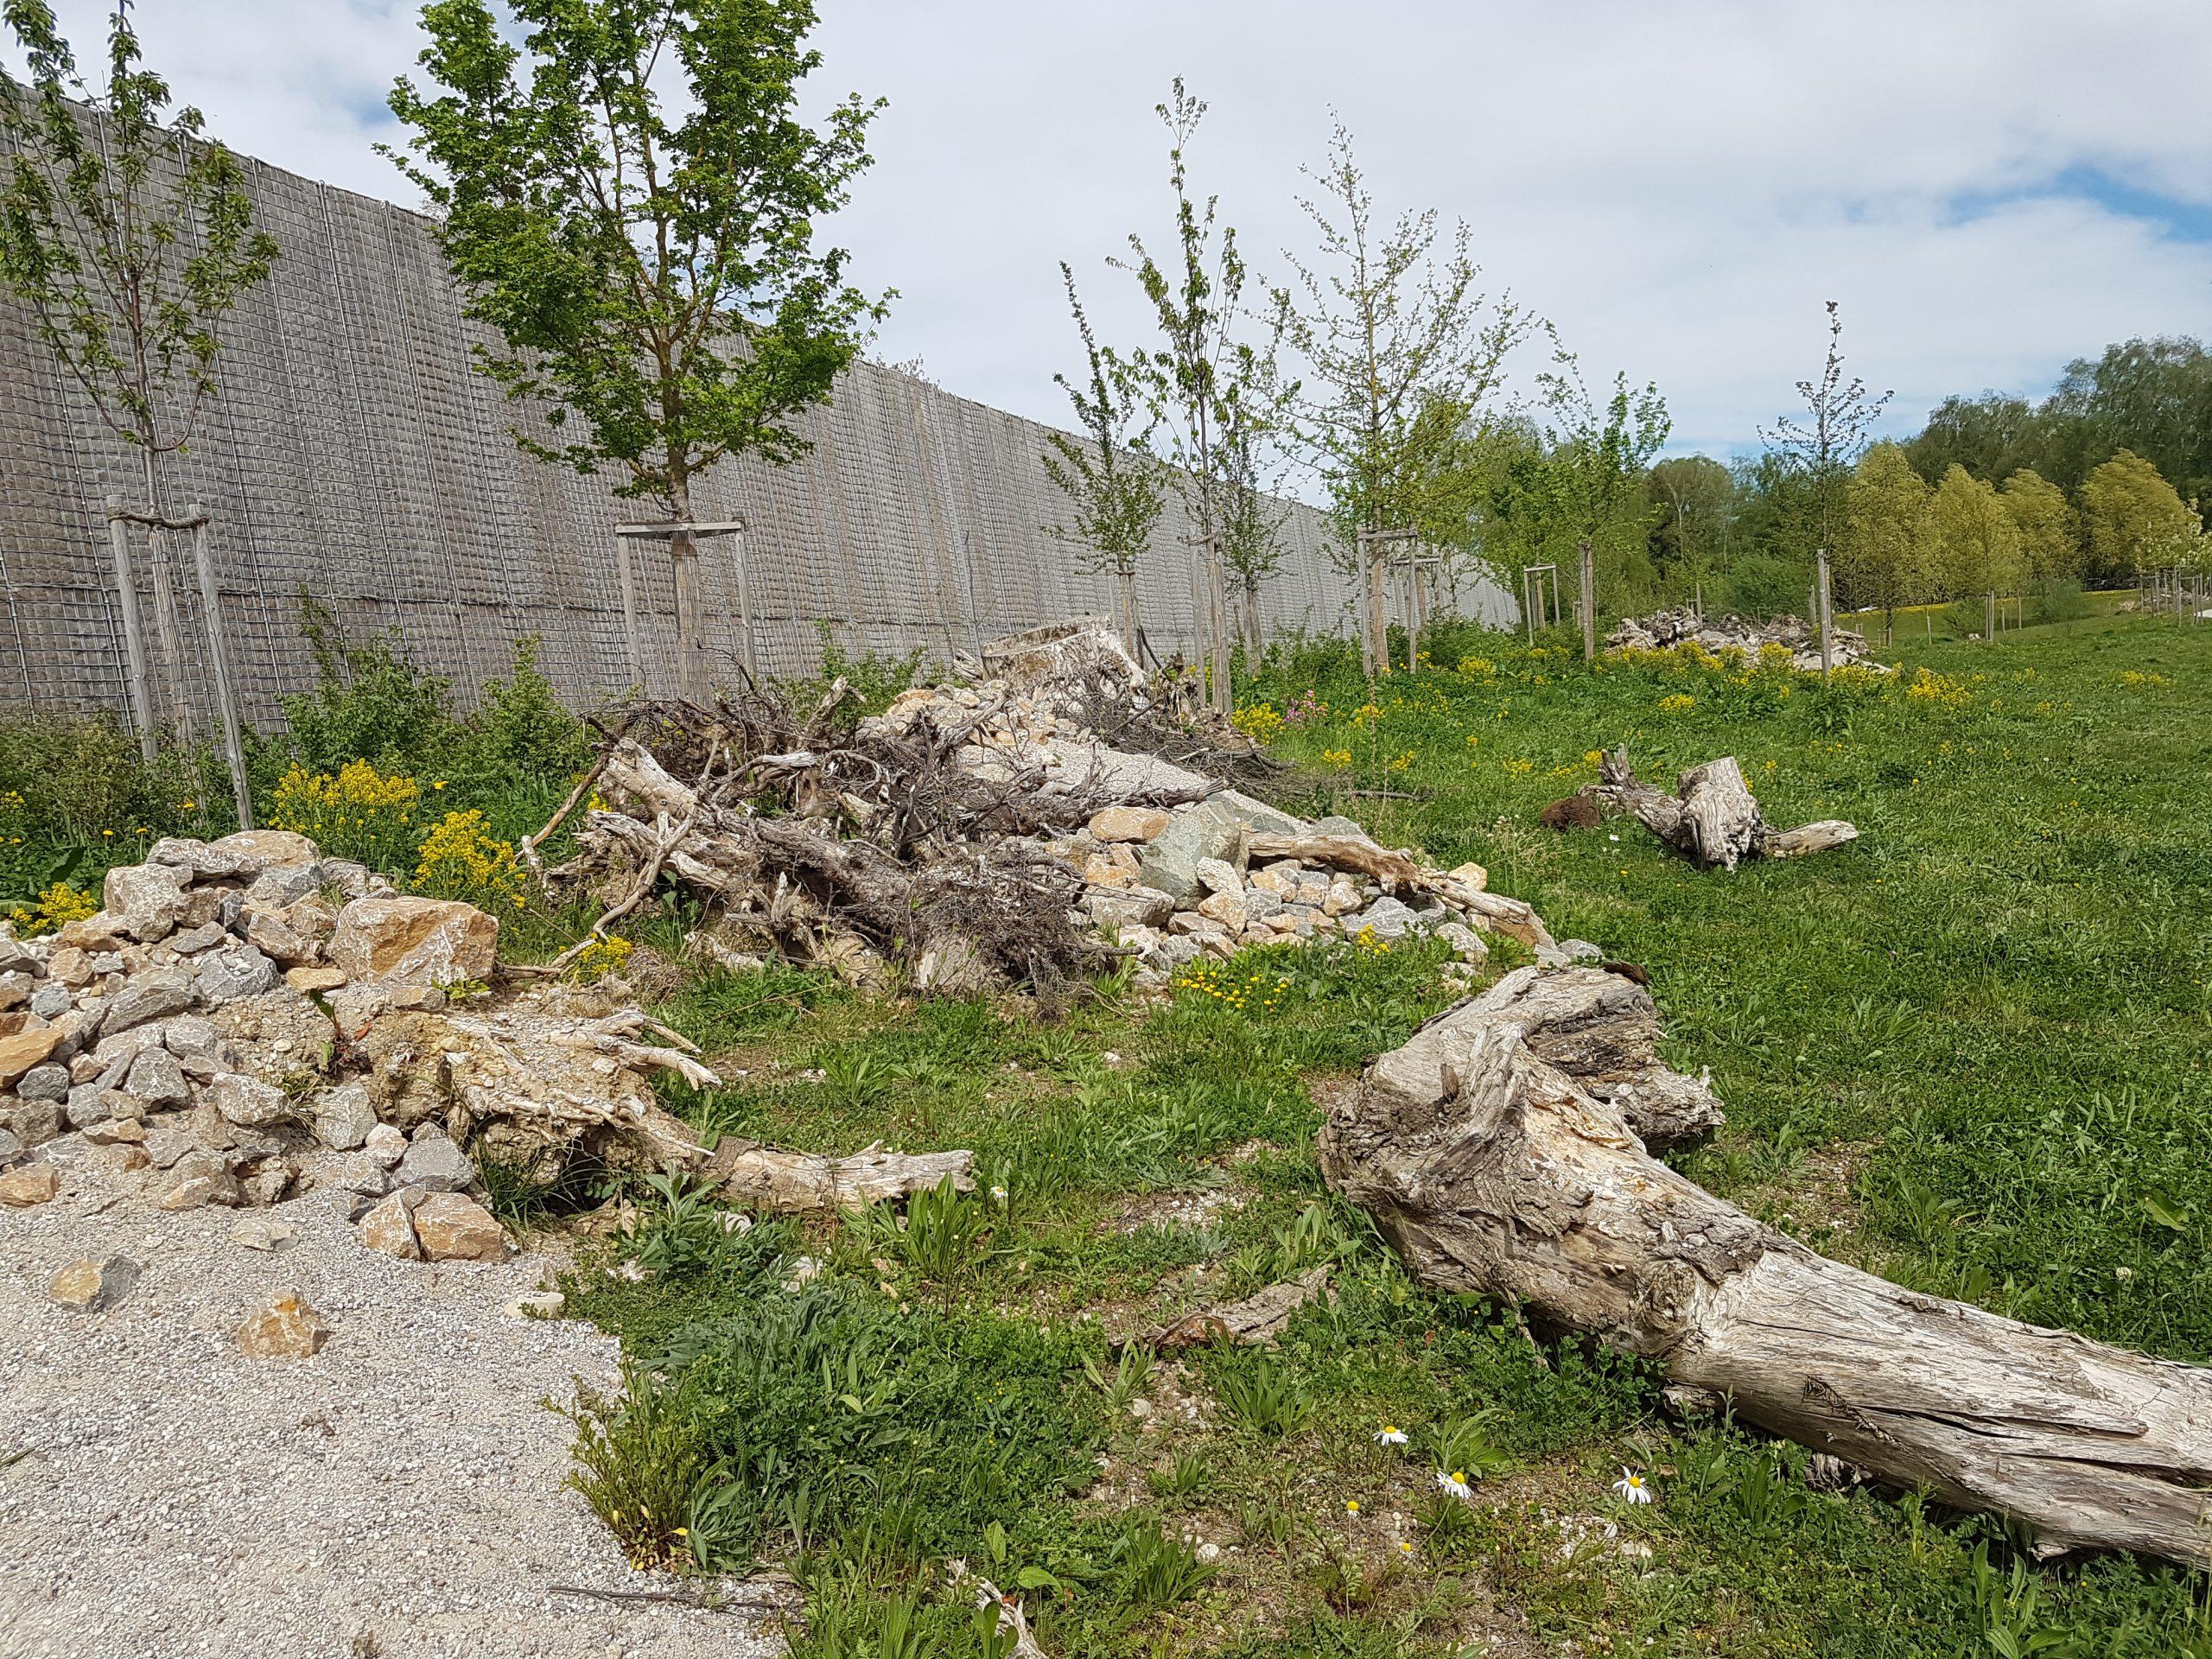 Habitatstrukturen Zauneidechsen vor Lärmschutzwand